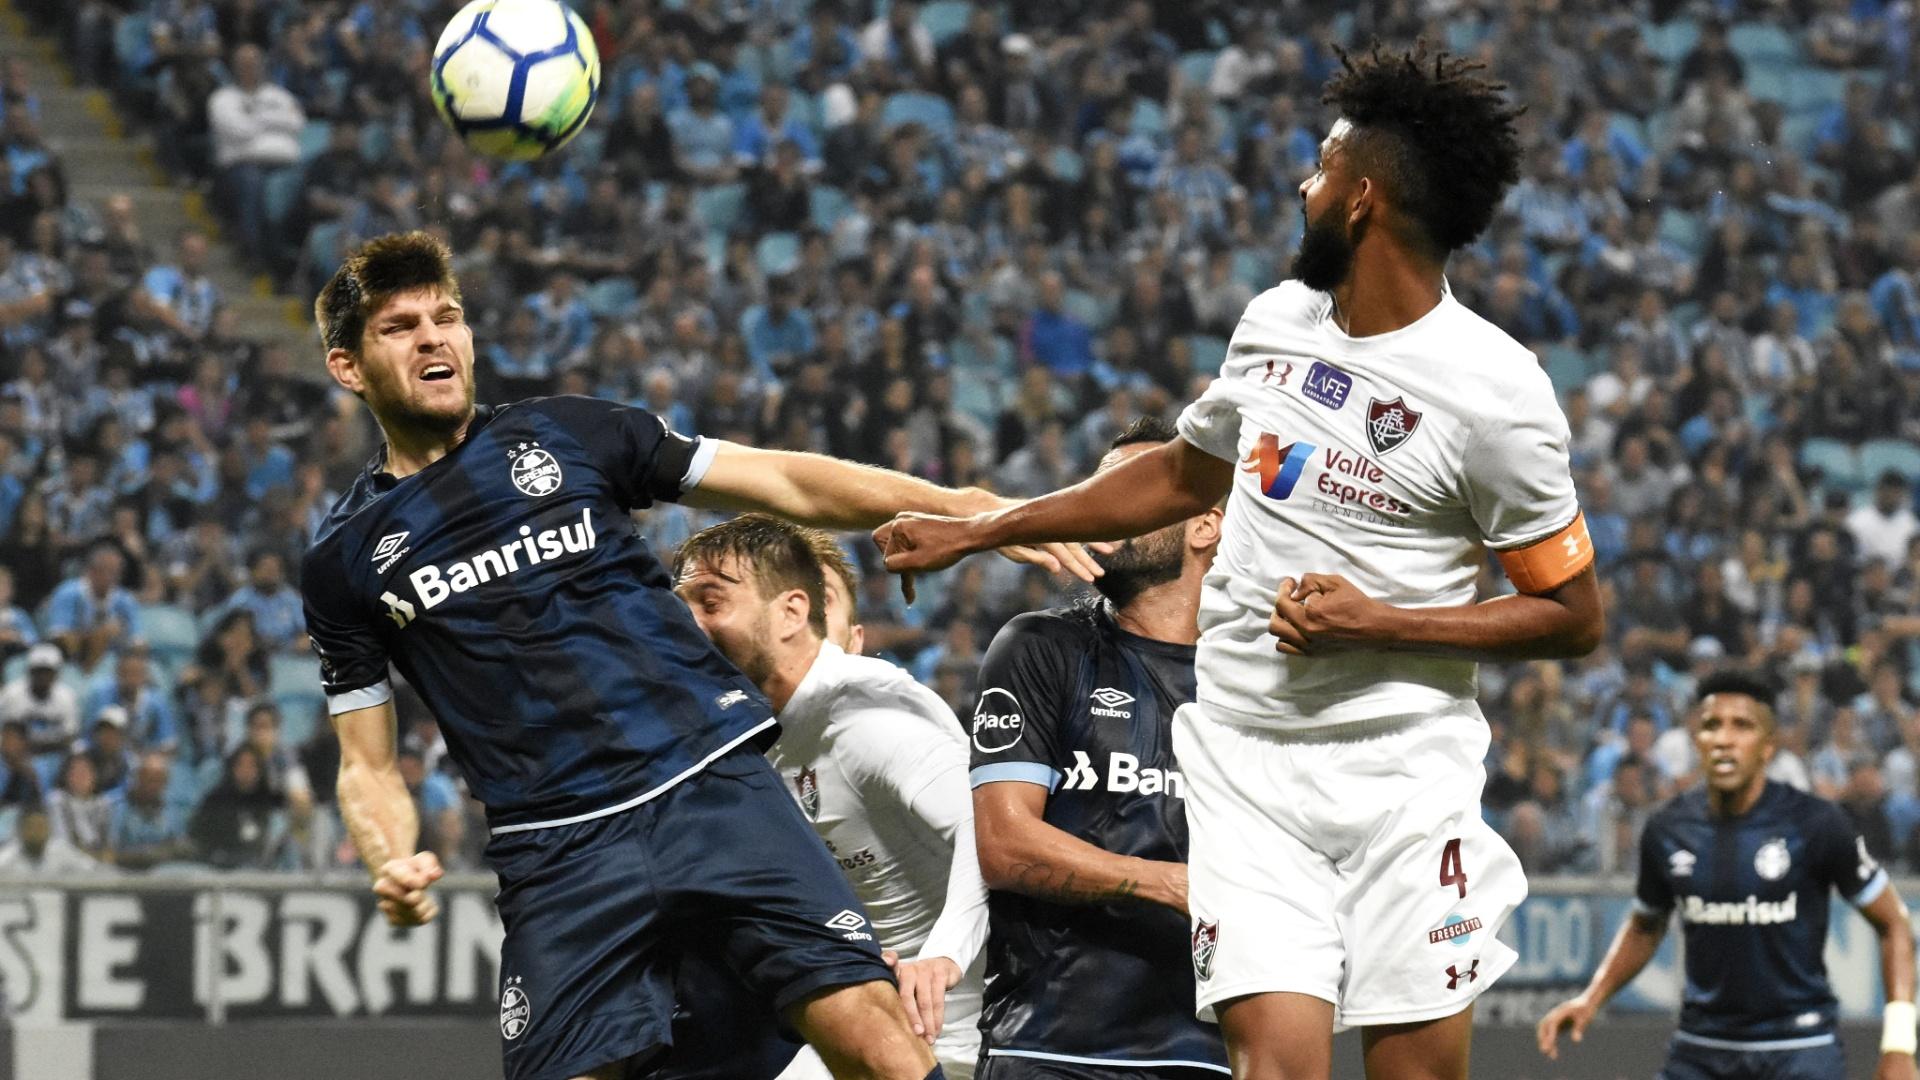 O zagueiro Kannemann afasta a bola na partida entre Grêmio e Fluminense